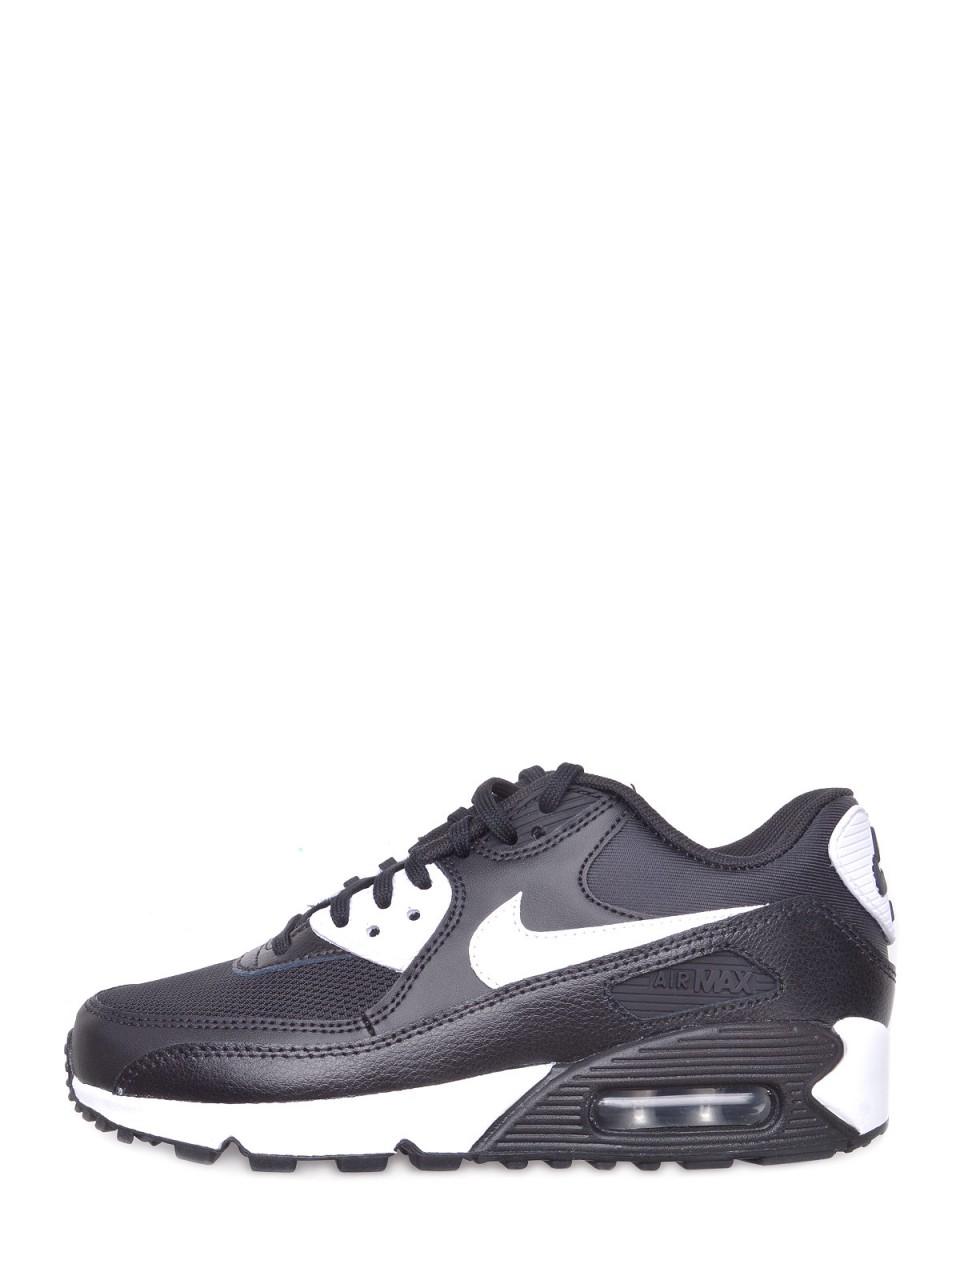 cheapest price new authentic a few days away Nike Airmax auf Rechnung kaufen   Rechnungskauf24.at